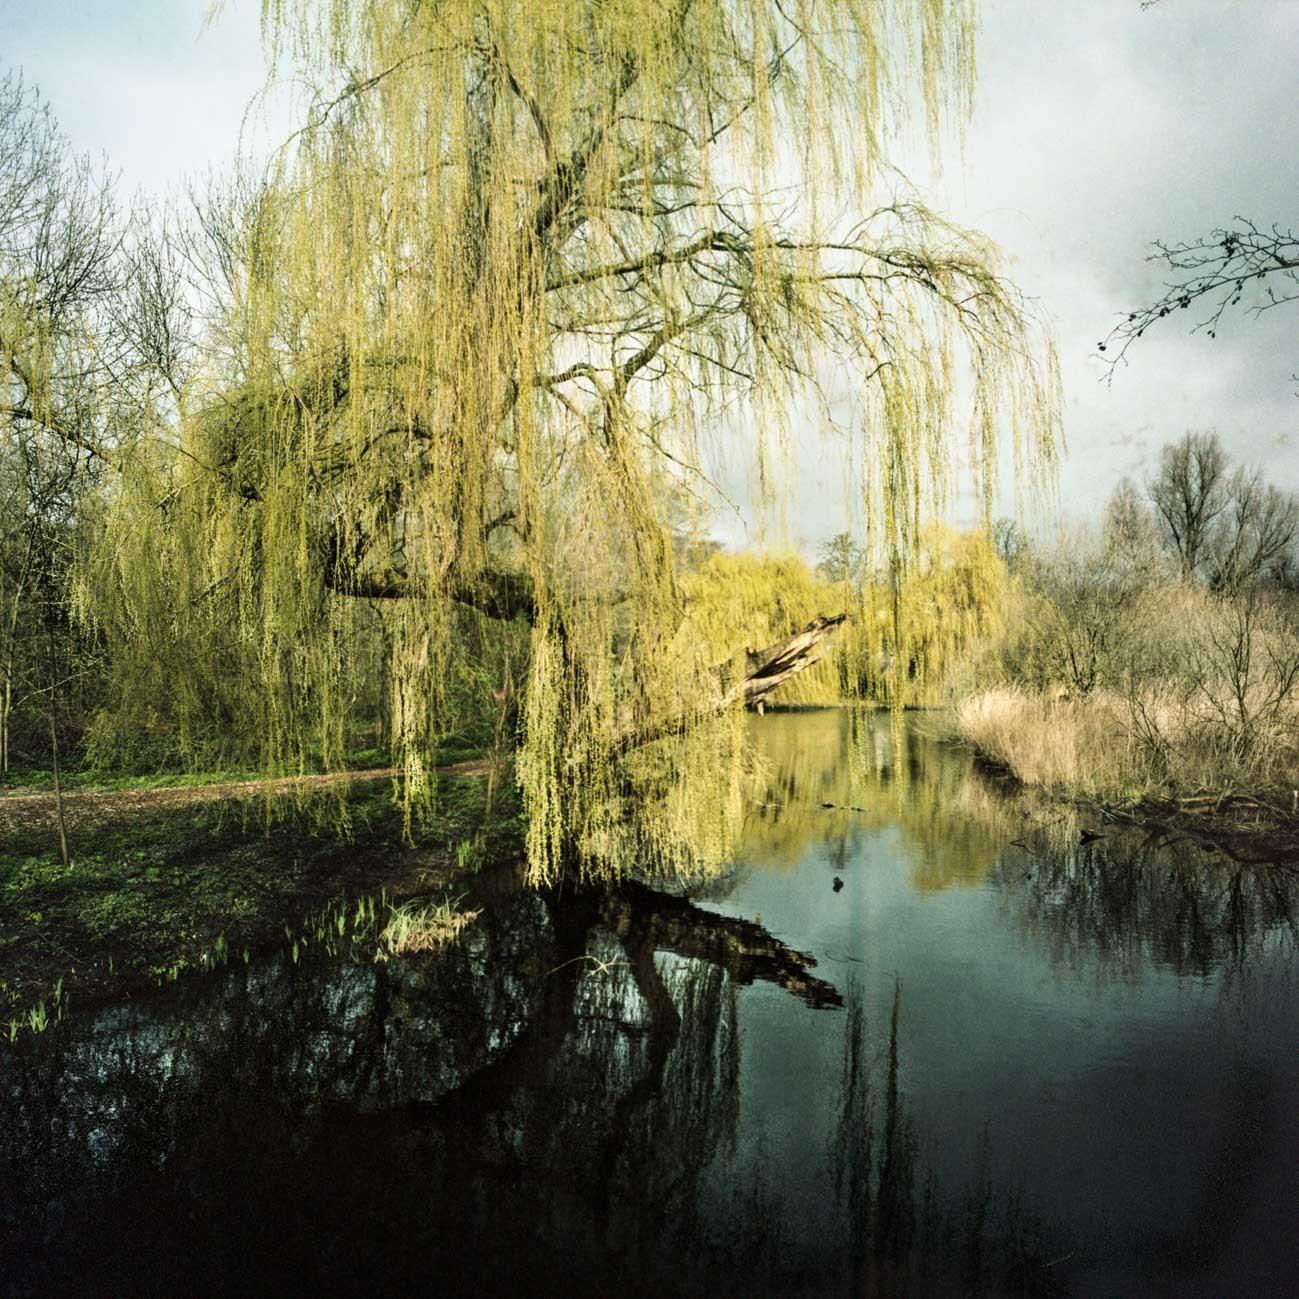 Daniel Robles immortalise des paysages où l'on se retrouve suspendu entre le ciel et la terre, la vie et la mort, l'ombre et la lumière.